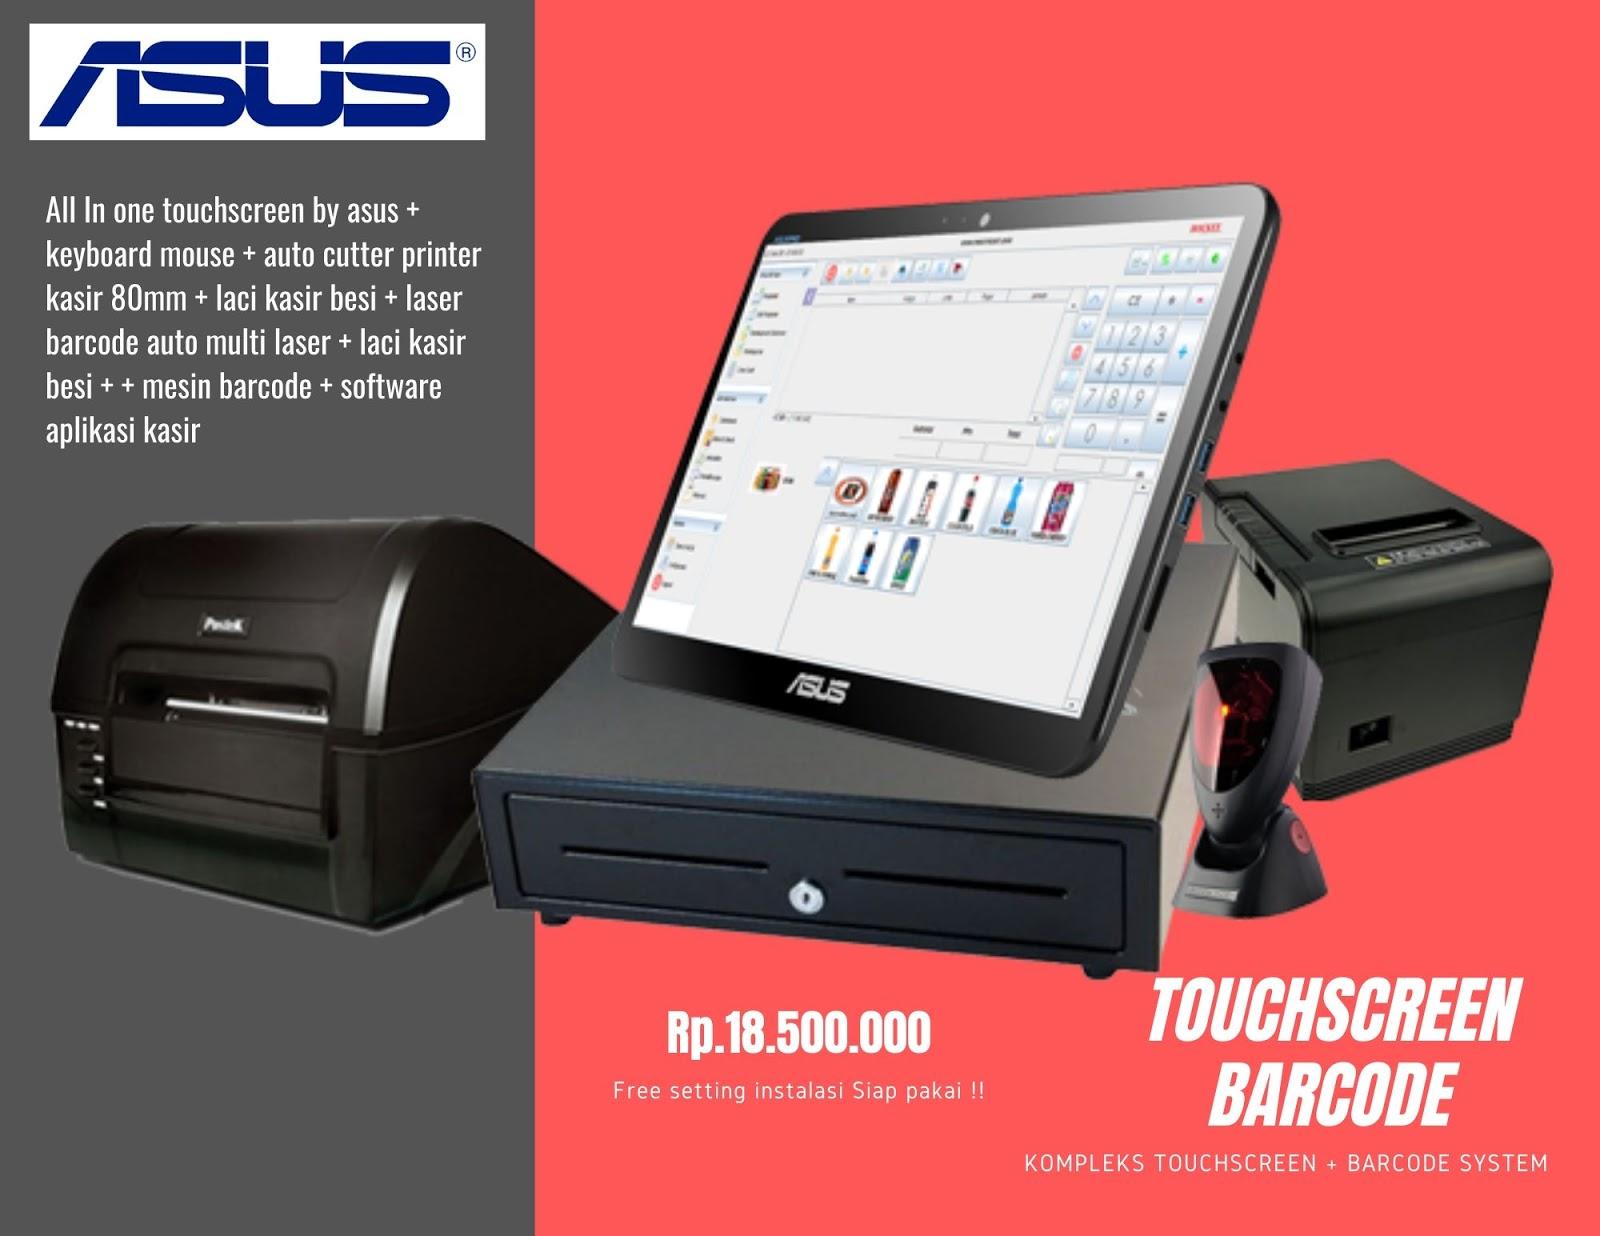 touchscreen barcode lengkap